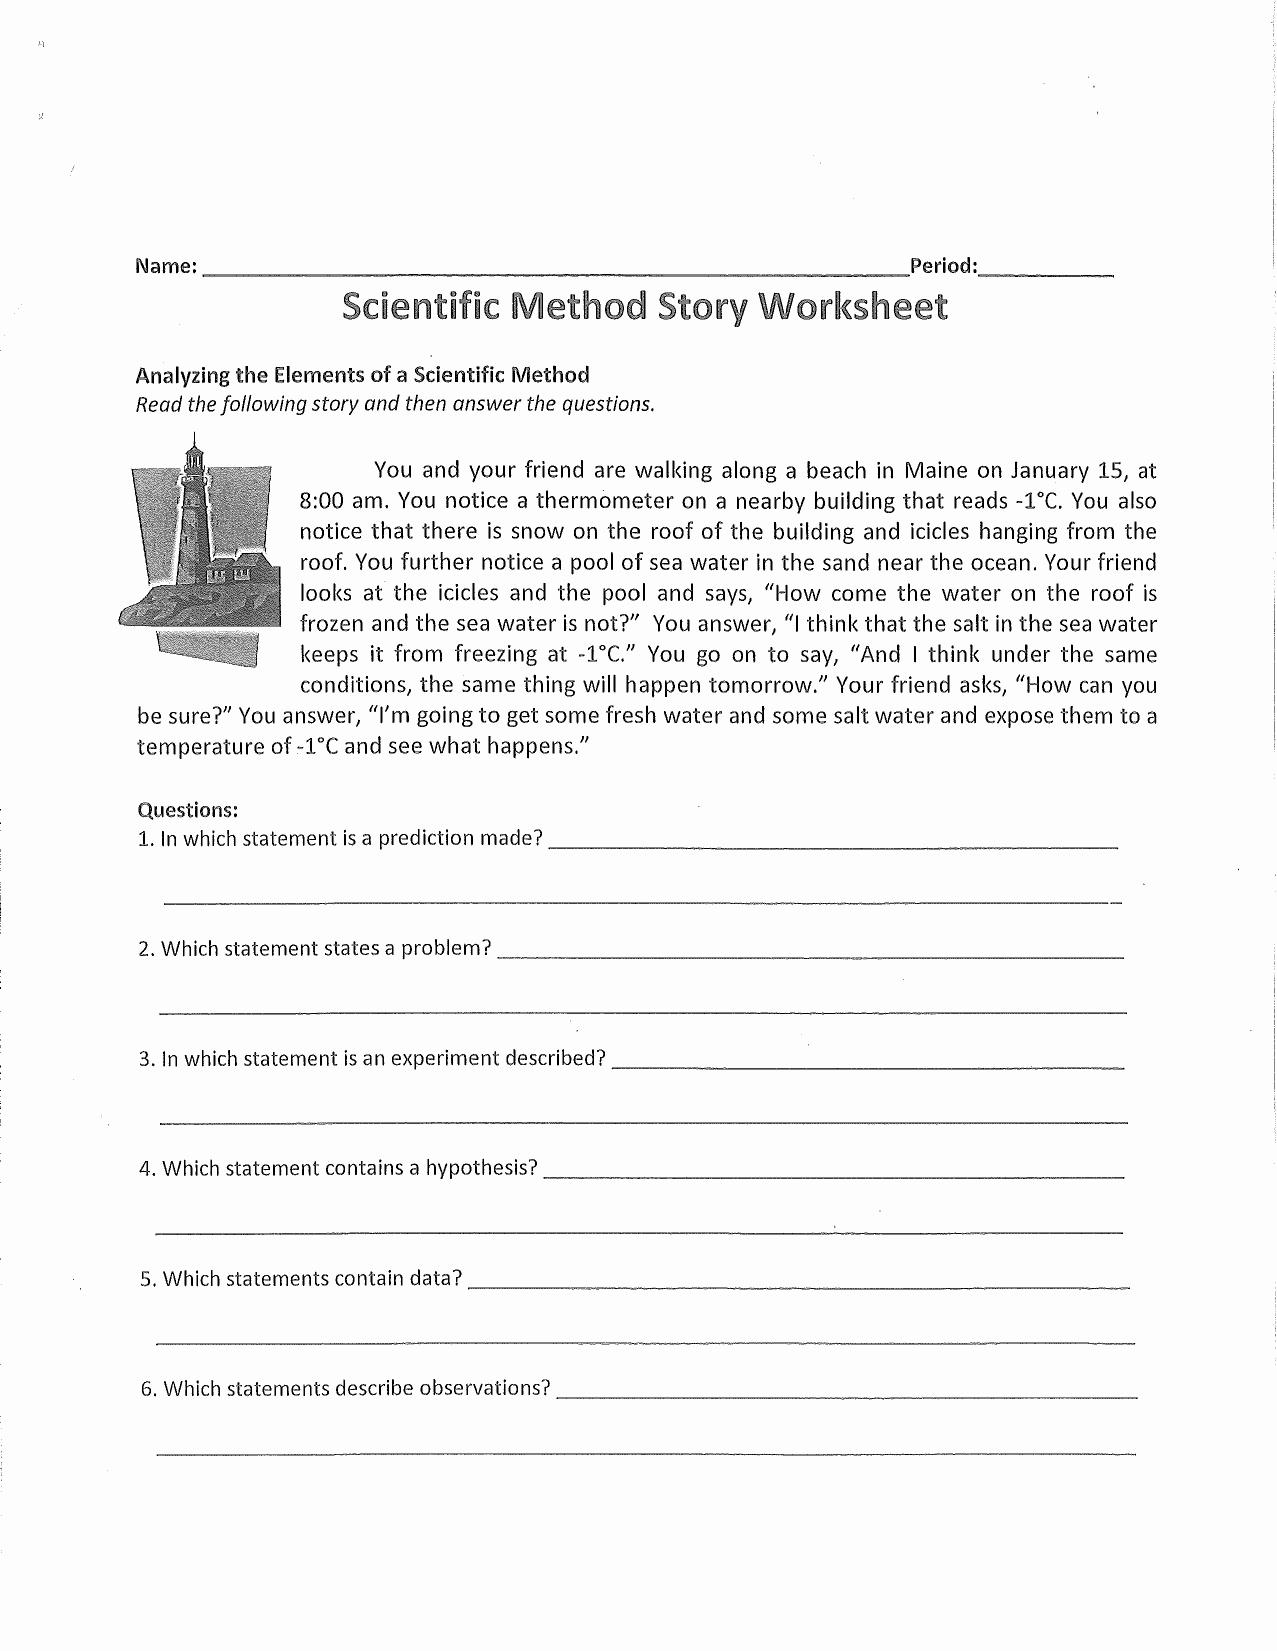 50 Scientific Method Story Worksheet Answers